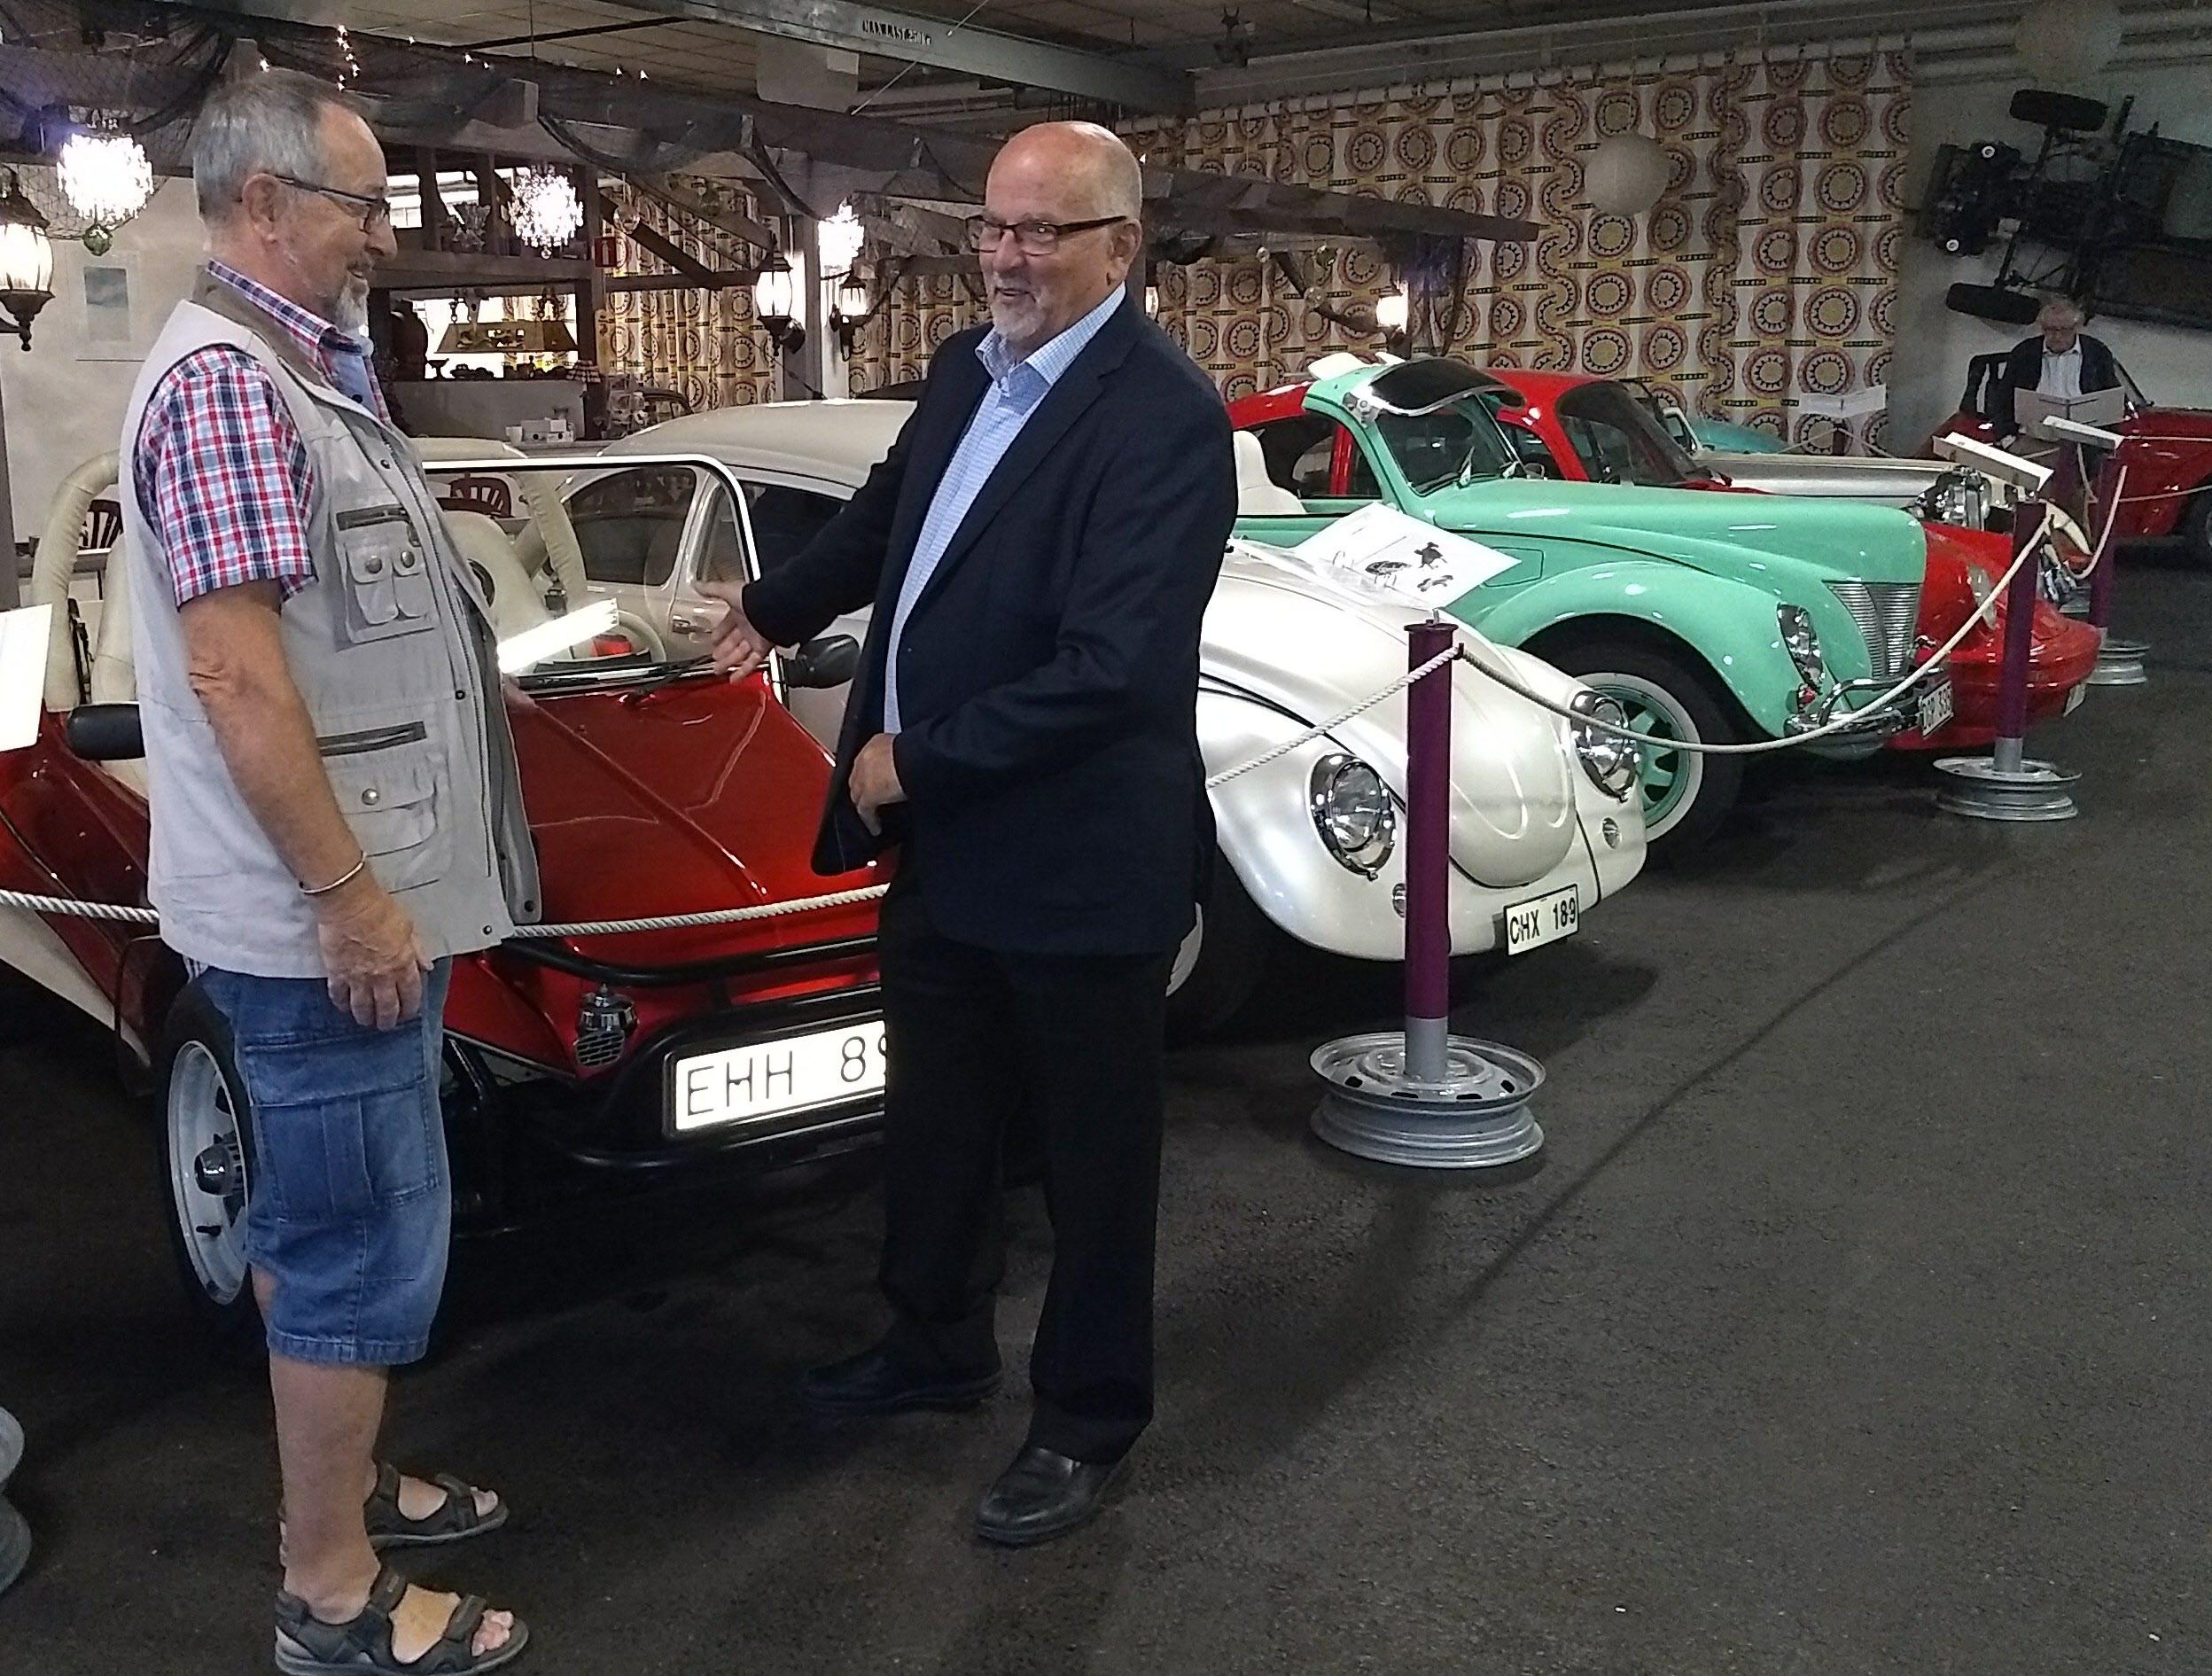 Visst skulle Arne passa som bilförsäljare? Eller berättar han bara en bra bilhistoria?